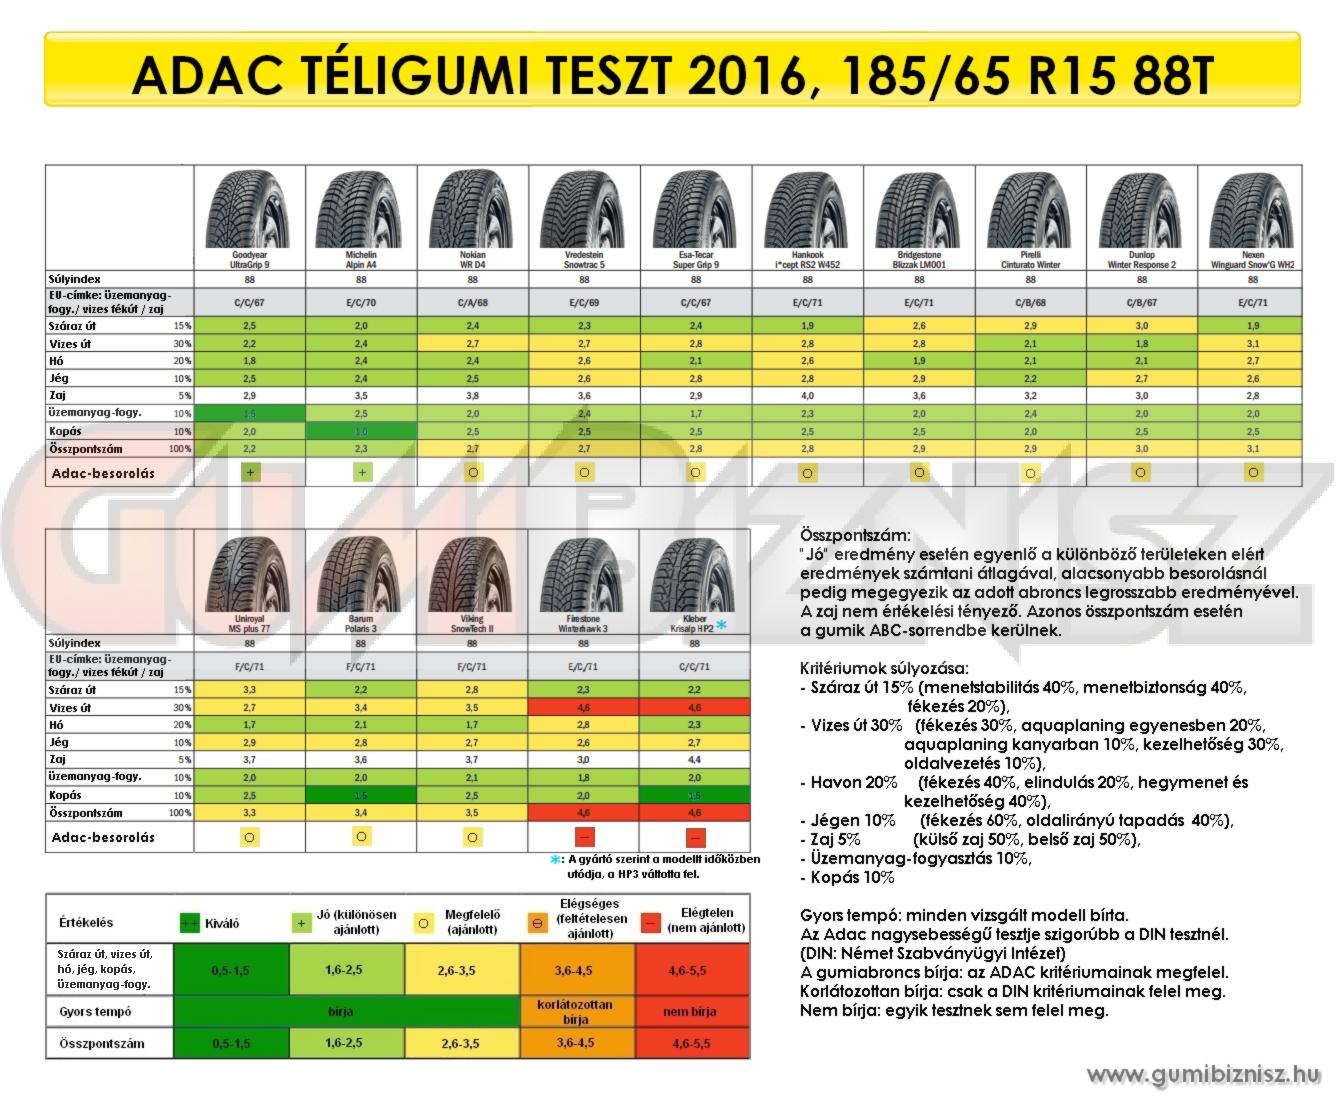 adac-2016-teli-185-65-15.jpg